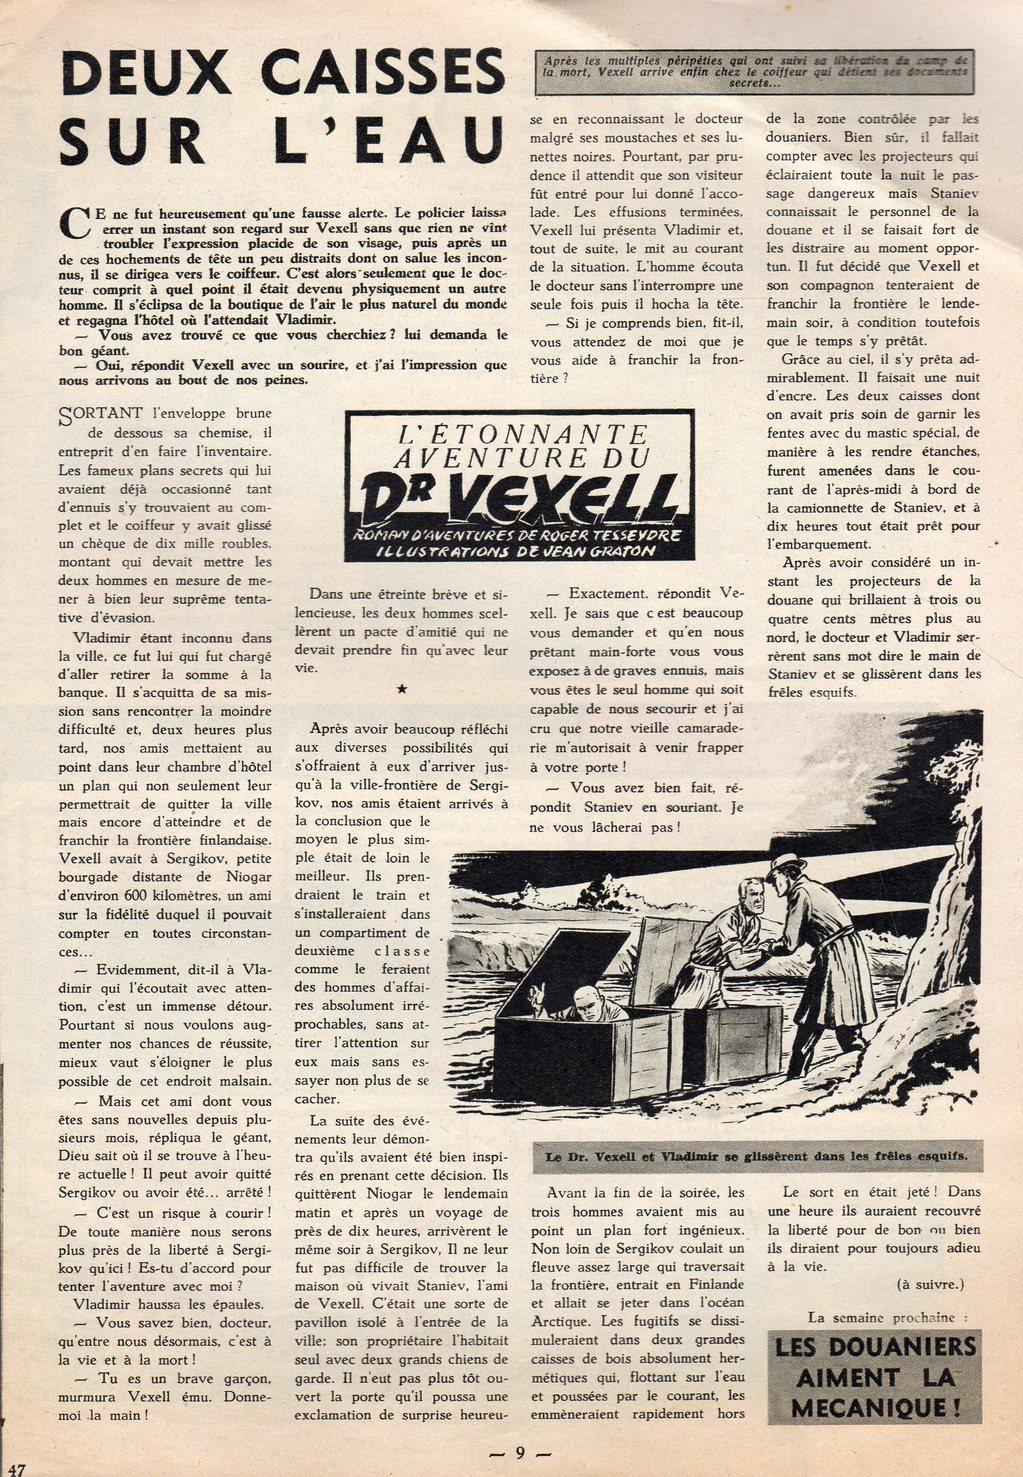 Jean Graton - Tintin 1954 - Dr Vexell (47)